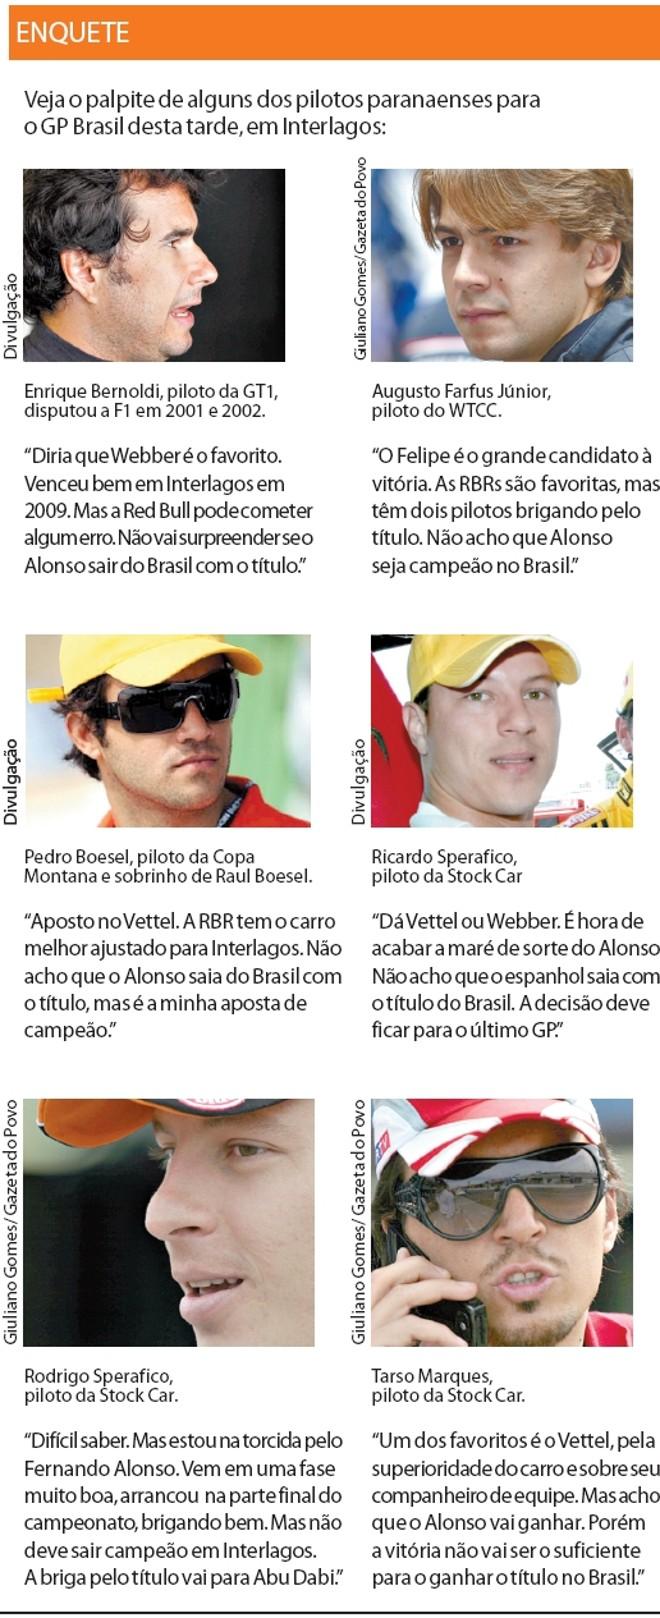 Veja o palpite de alguns dos pilotos paranaenses para o GP Brasil desta tarde |